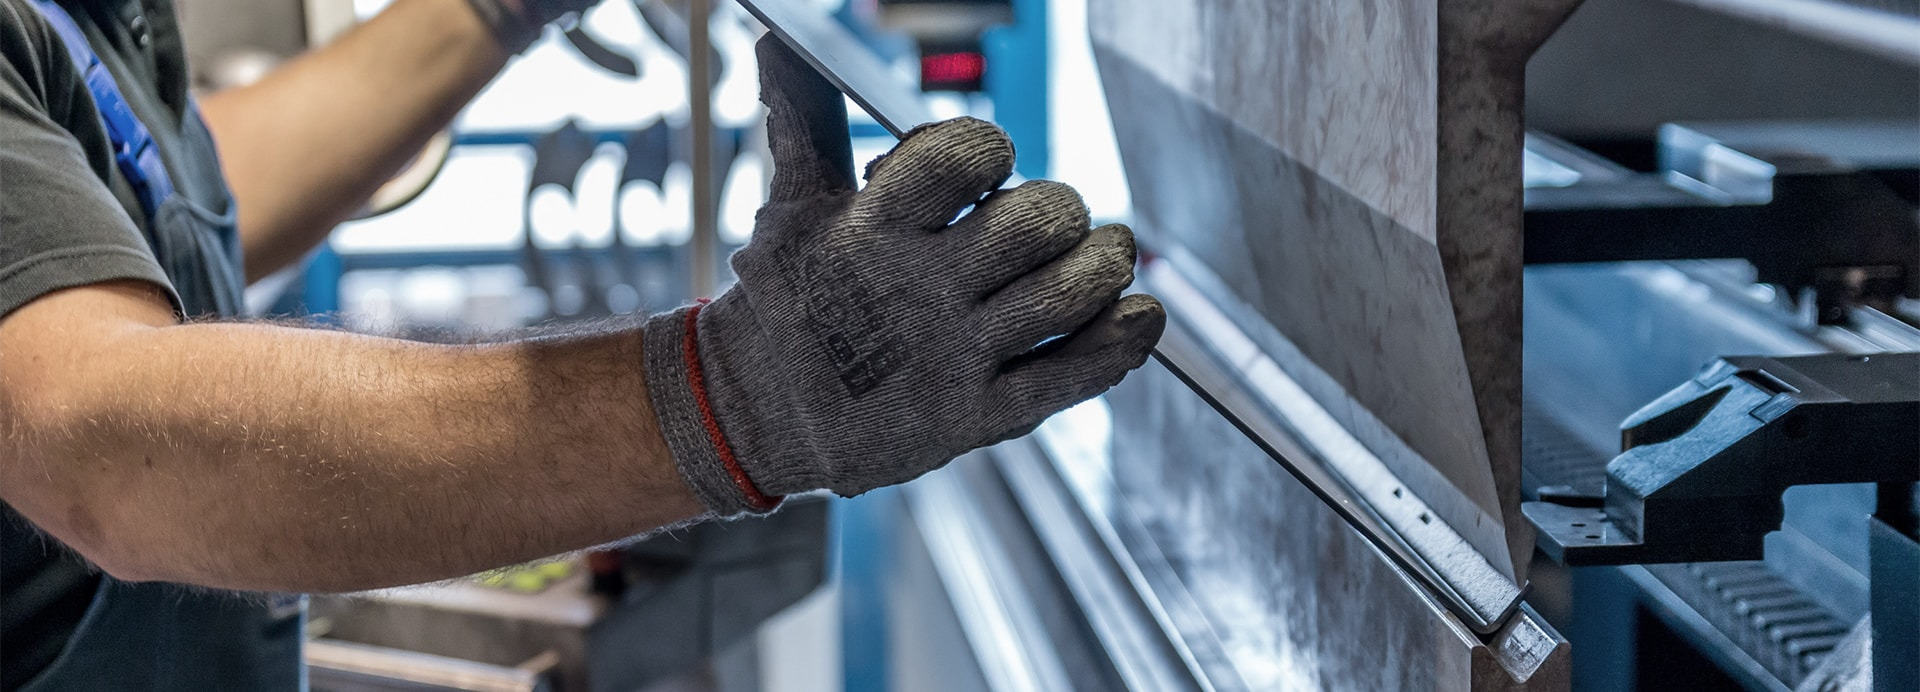 Rohrbieger in Produktionsunternehmen